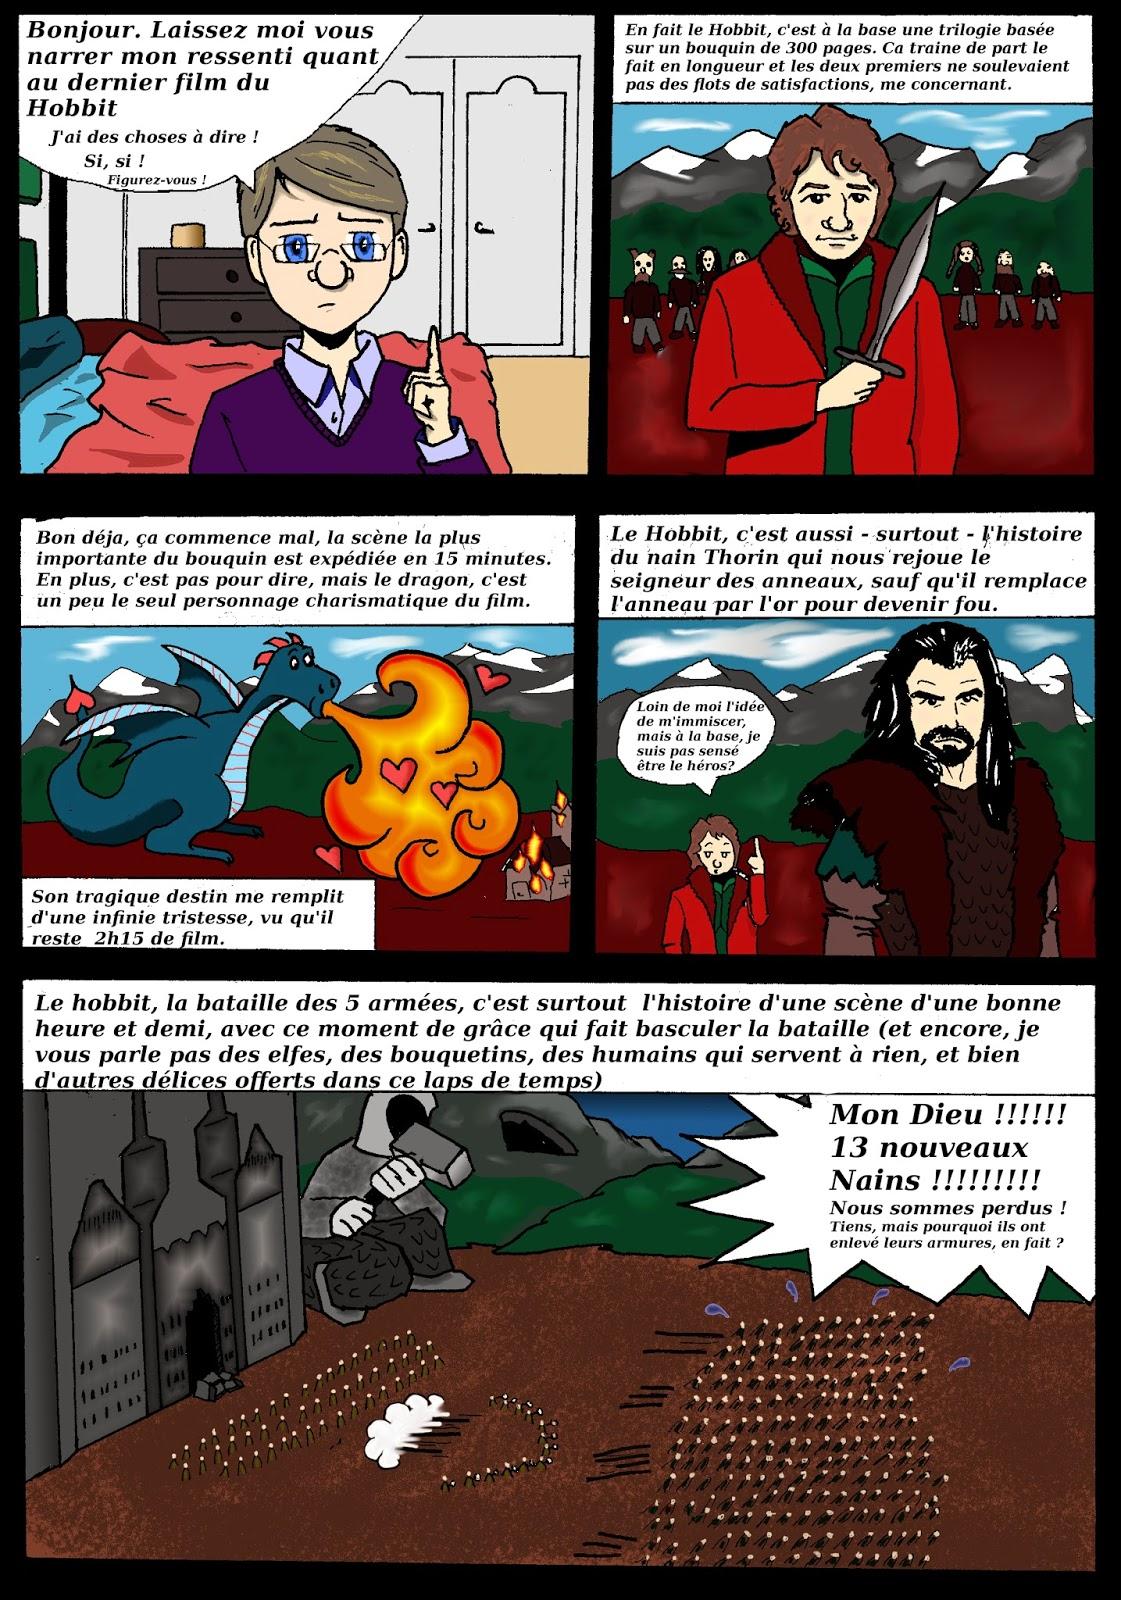 http://1.bp.blogspot.com/-m0NrBclDfpA/VKACNWyGX0I/AAAAAAAAAGA/GAxfRAYTTrU/s1600/Hobbit1.jpg